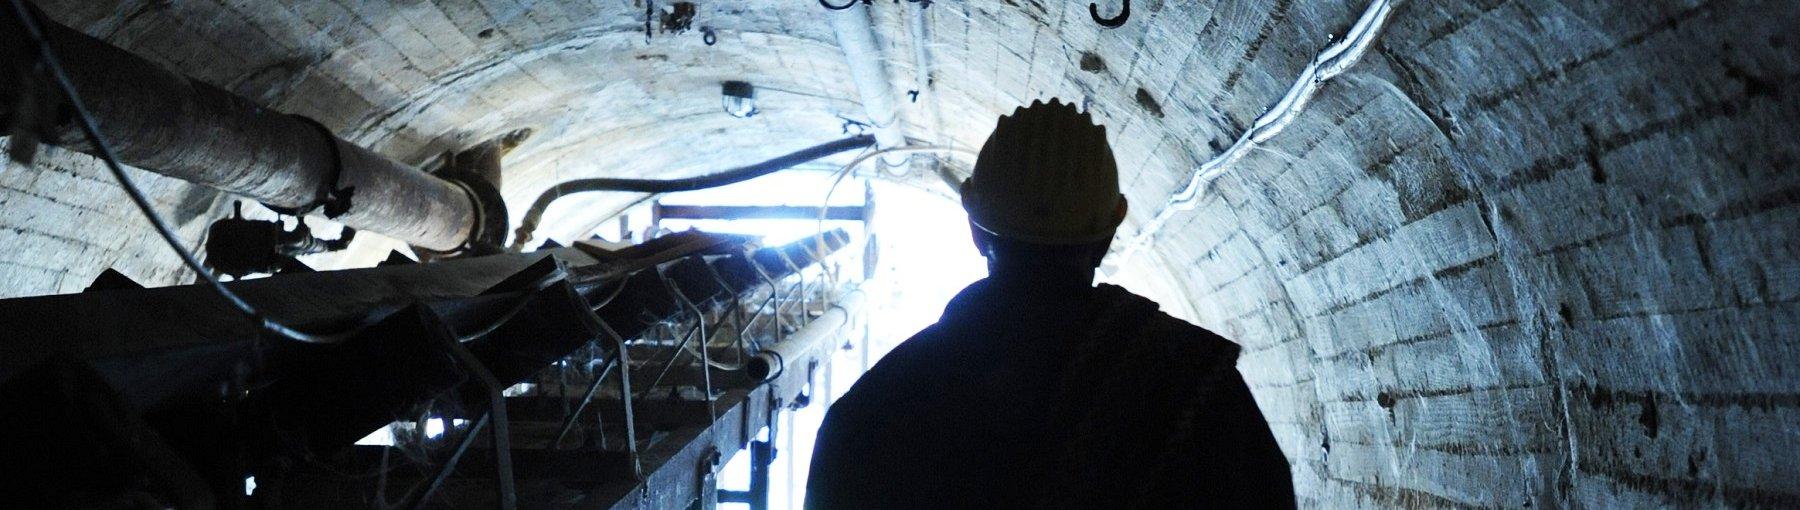 Polscy górnicy będą zarabiać w Indiach? Fot. Luigi Nifosi/Shutterstock